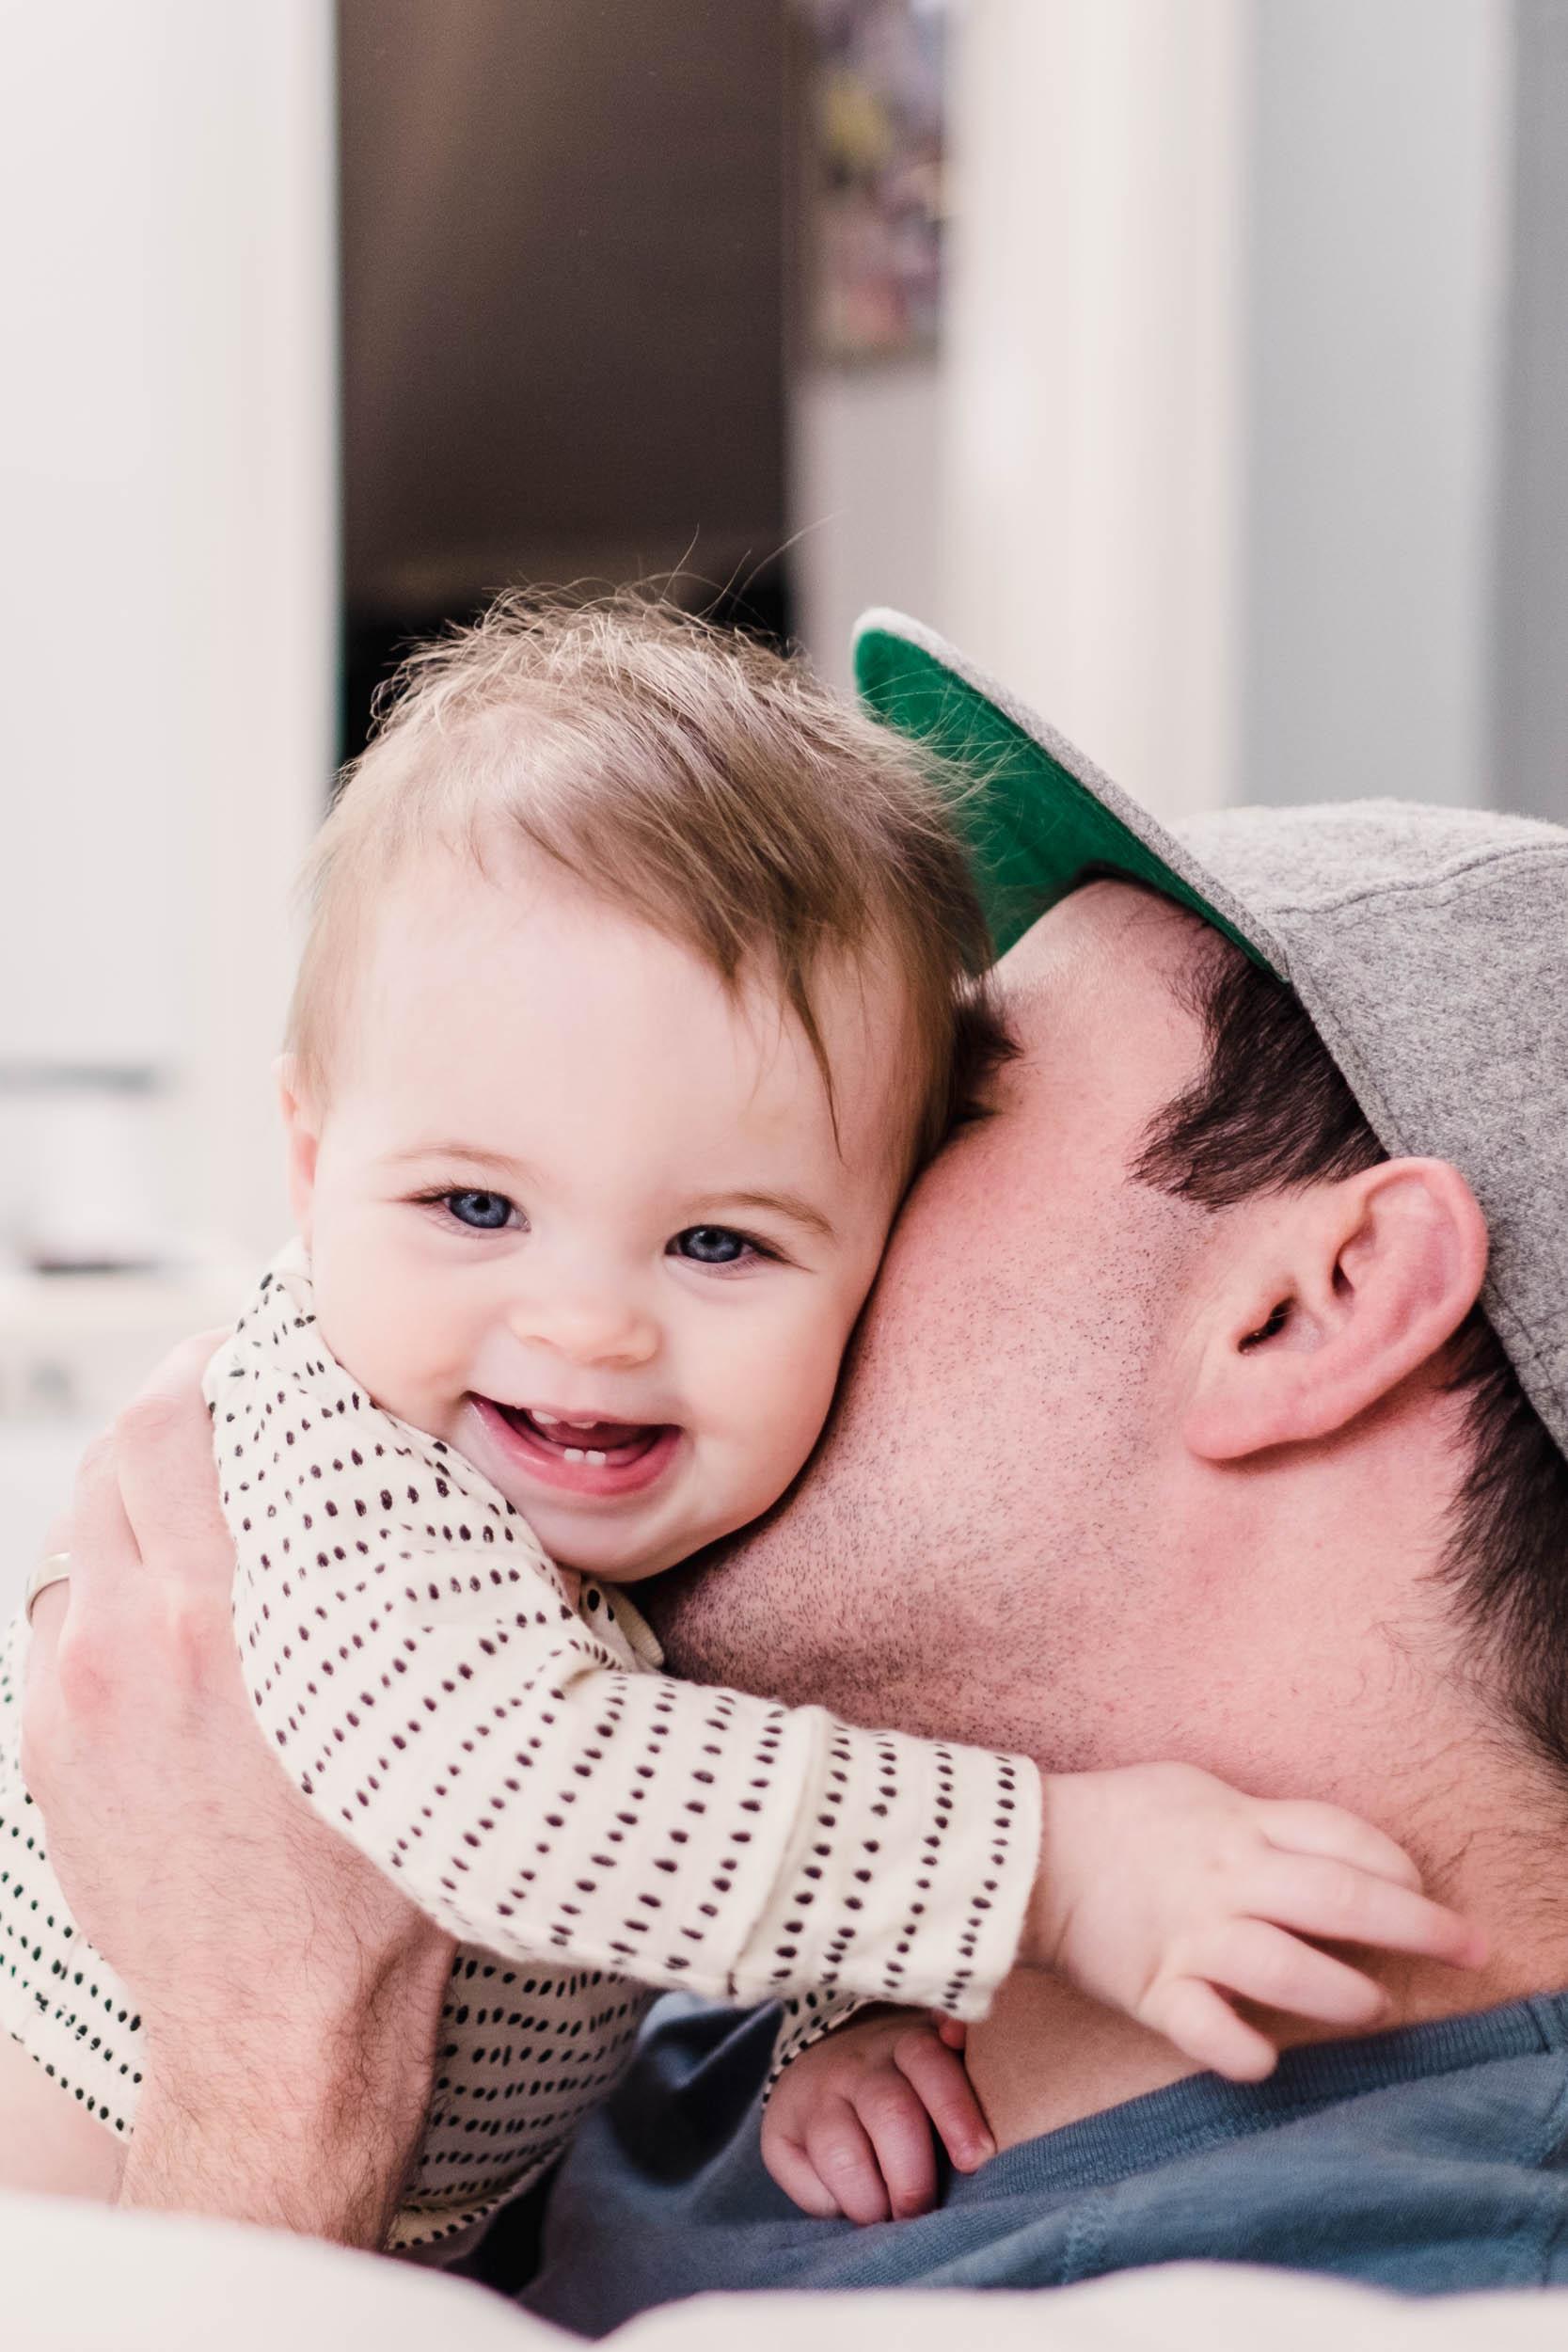 Kristen-Humbert-Family-Photoshoot-Philadelphia_Ruby-James-W-7162.jpg